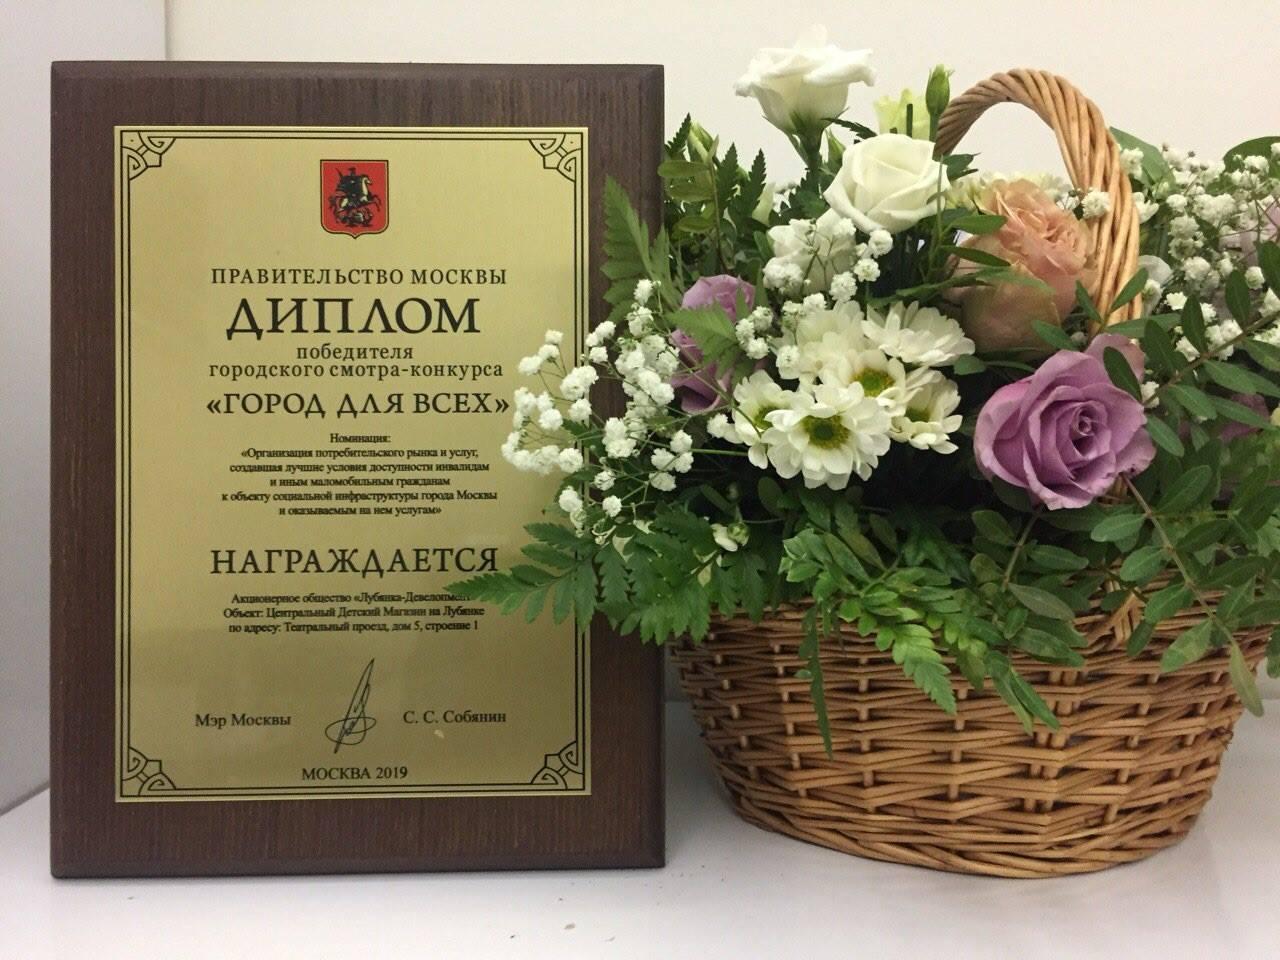 ЦДМ на Лубянке стал победителем конкурса «Город для всех»